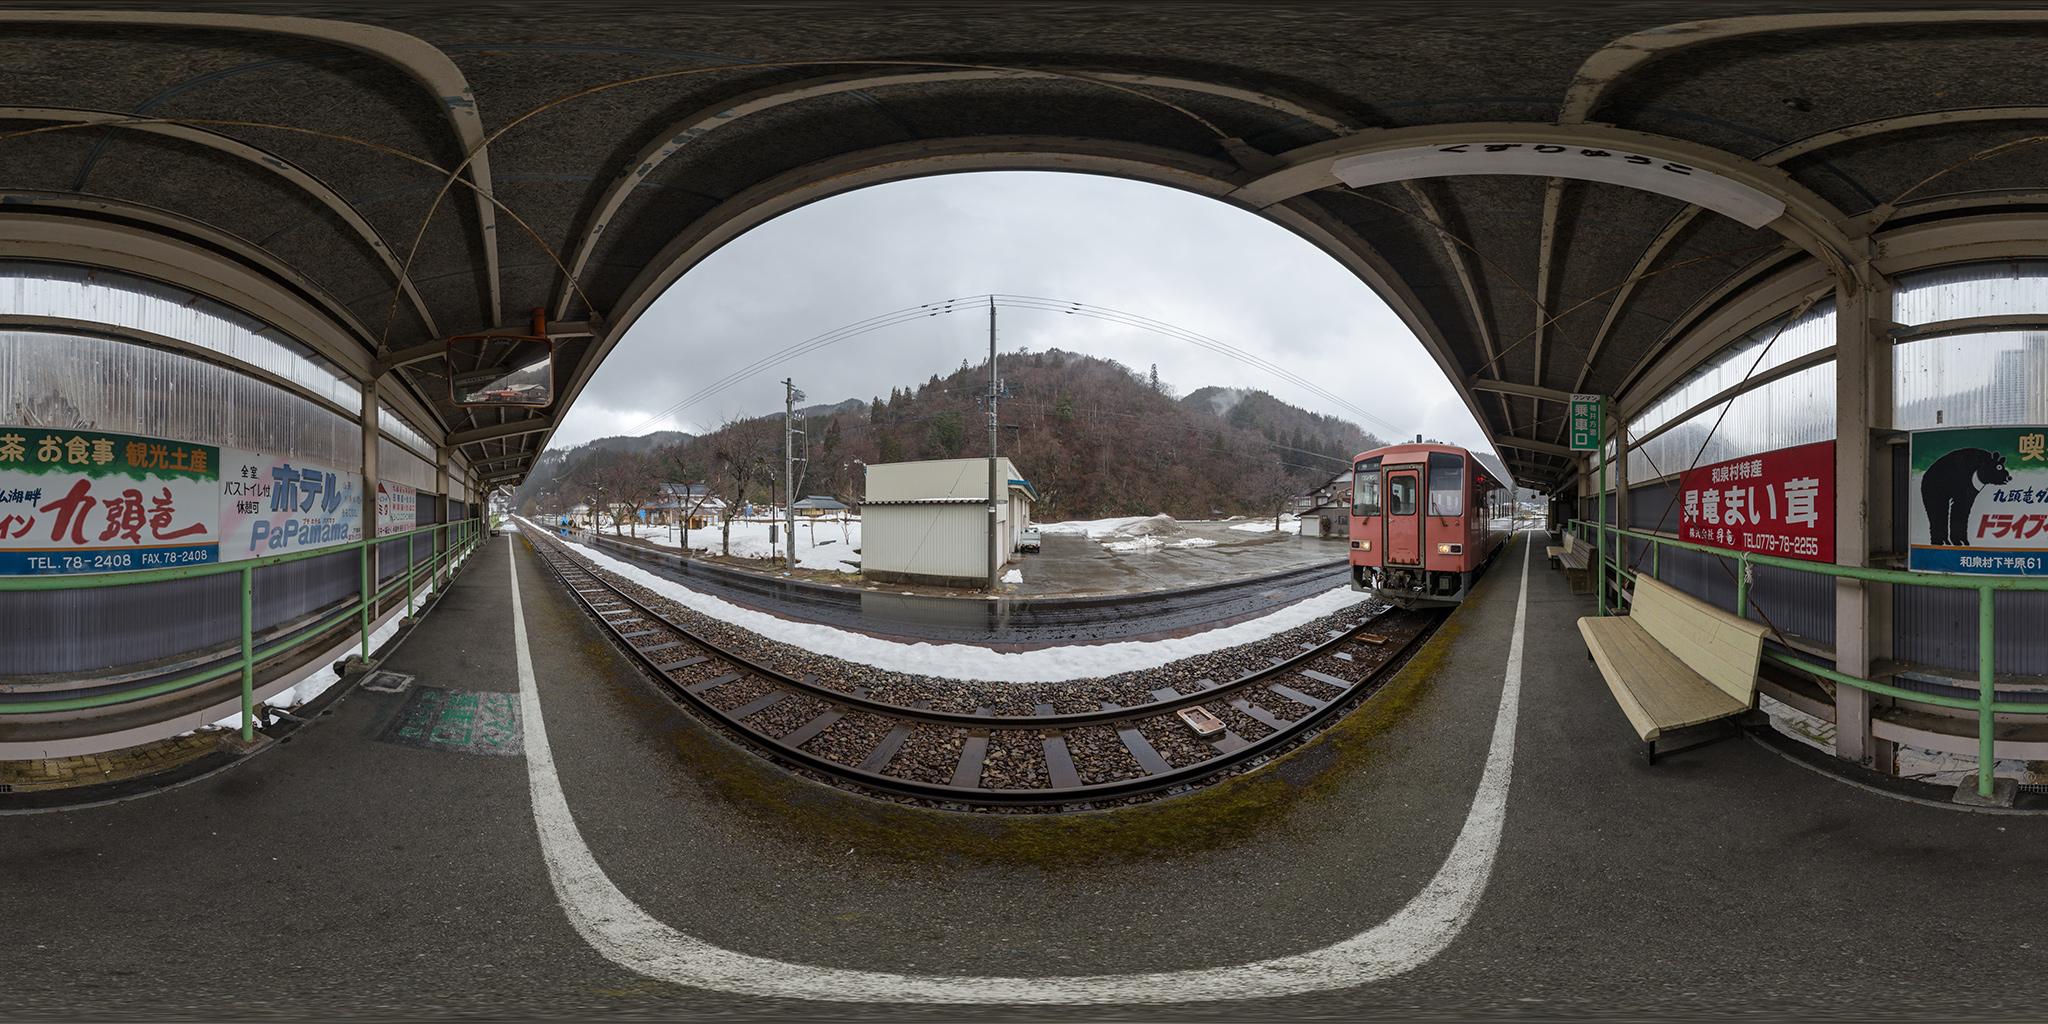 九頭竜湖駅に停車中の首都圏色キハ120-201。